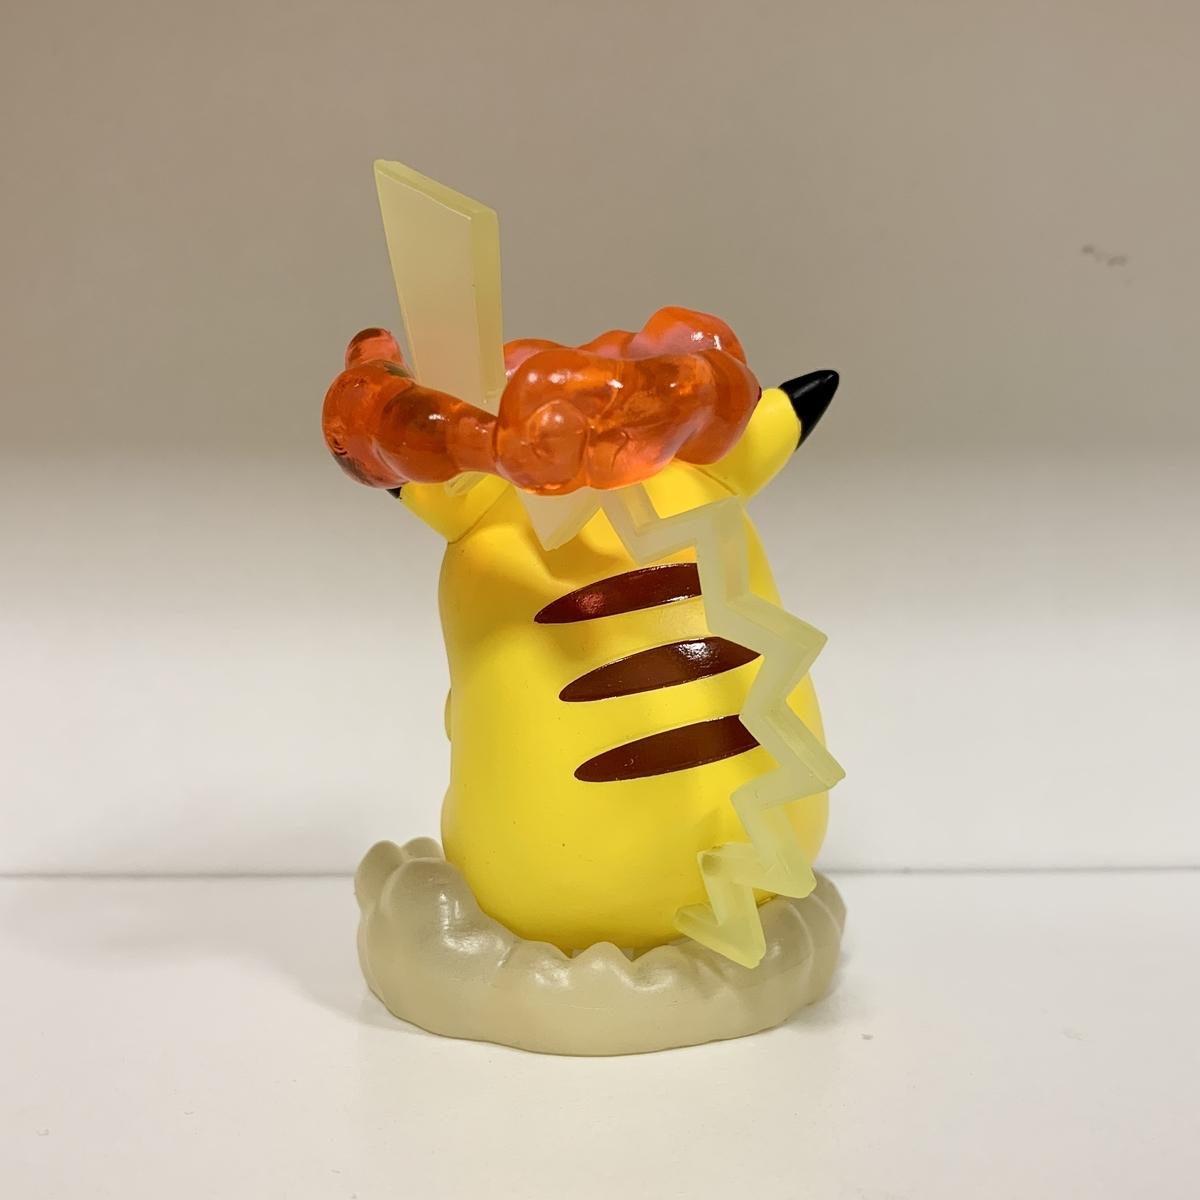 f:id:pikachu_pcn:20210911194153j:plain